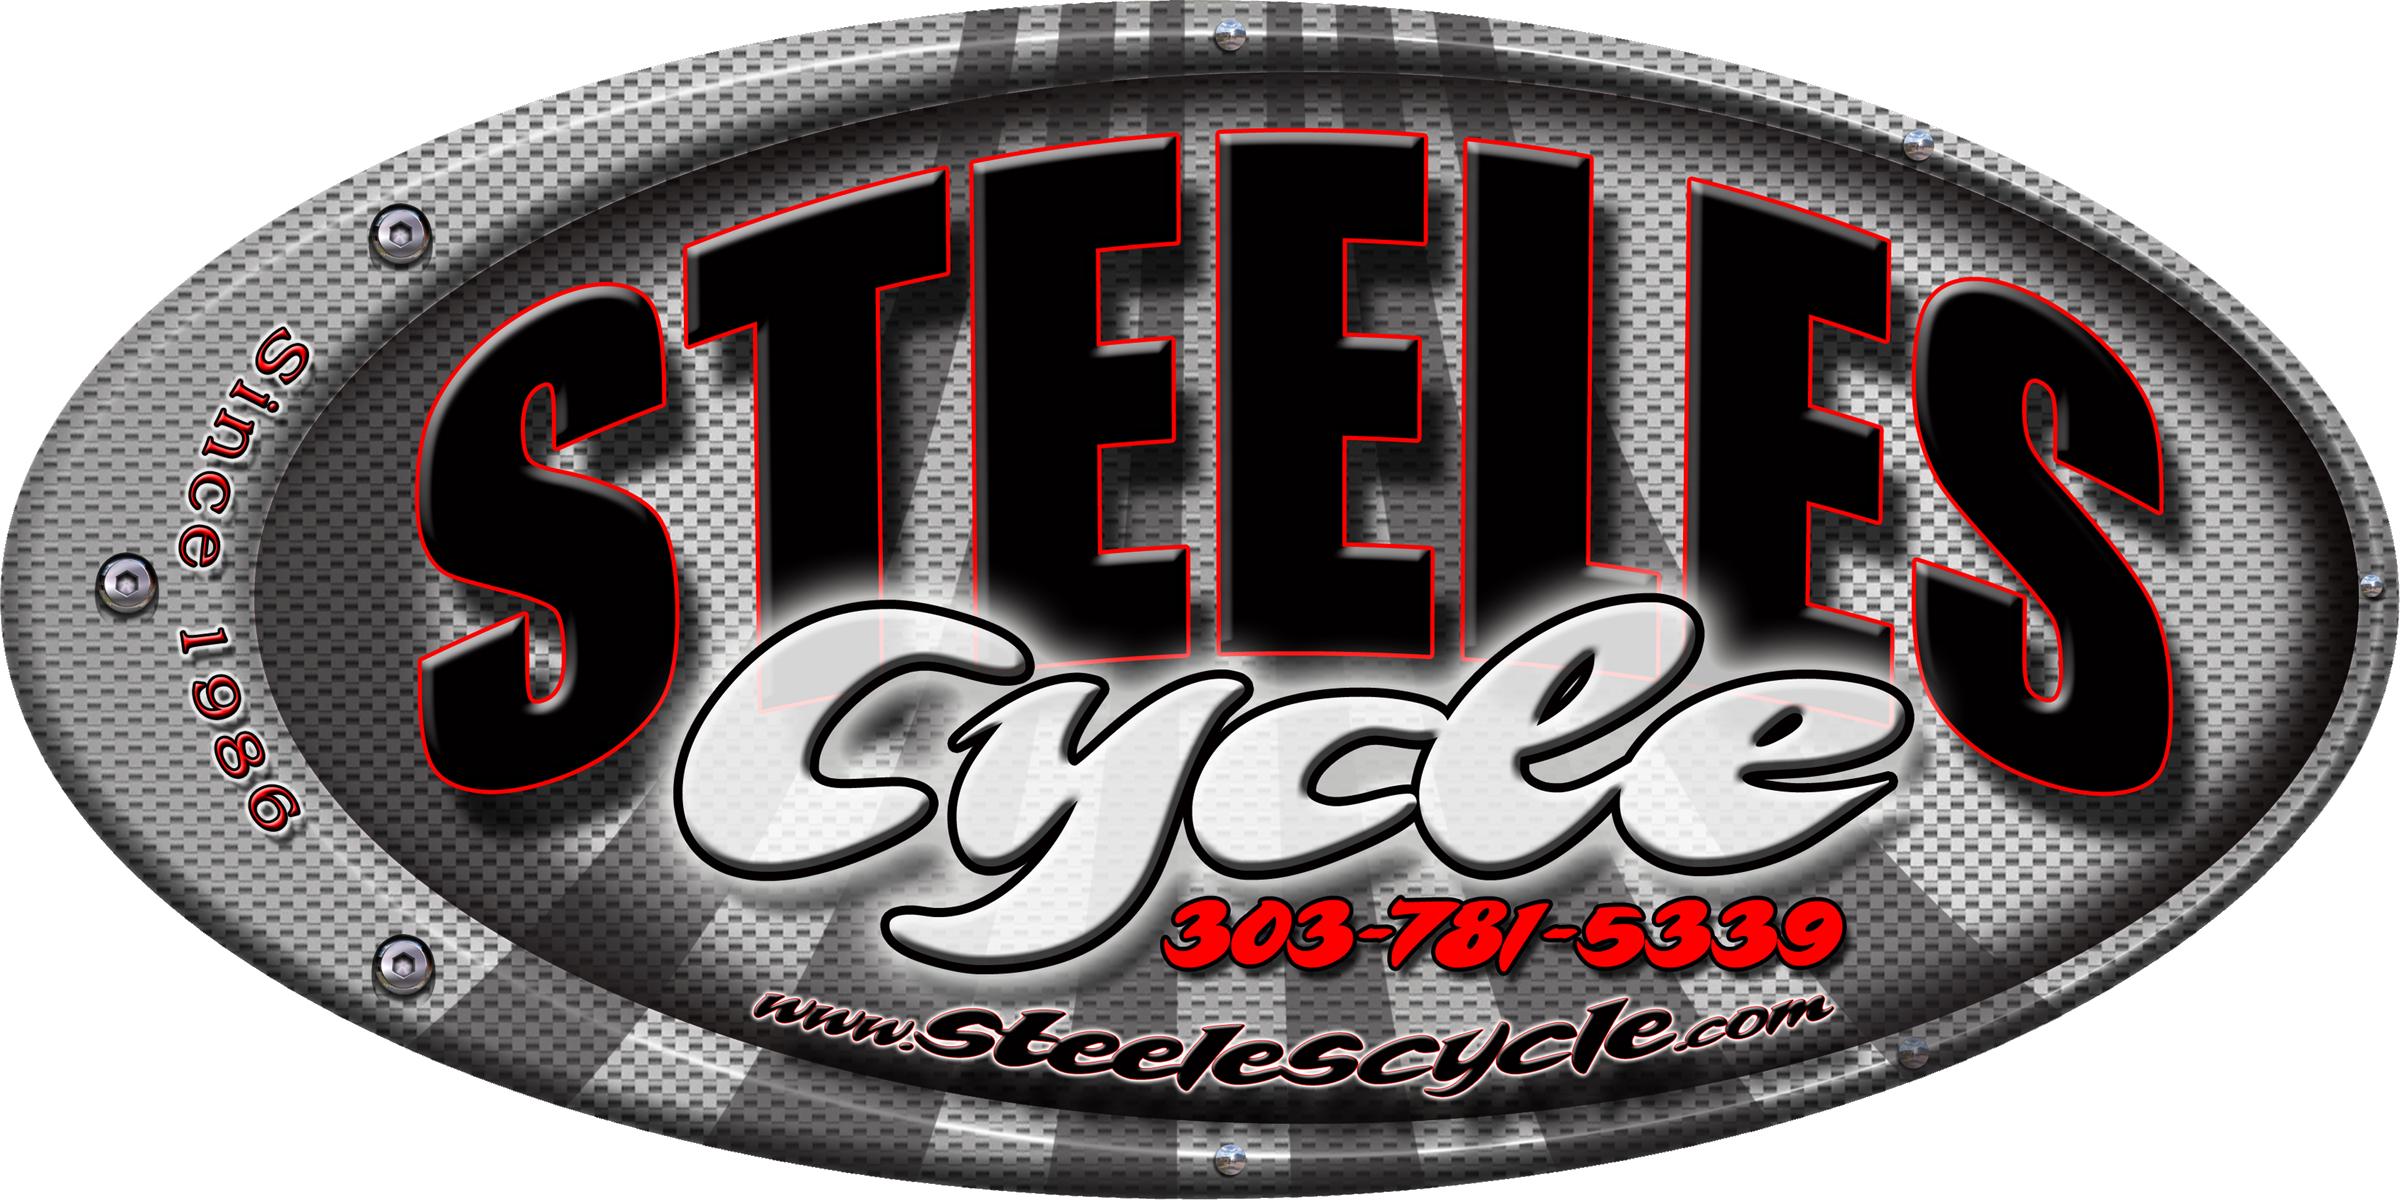 www.steelescycle.com